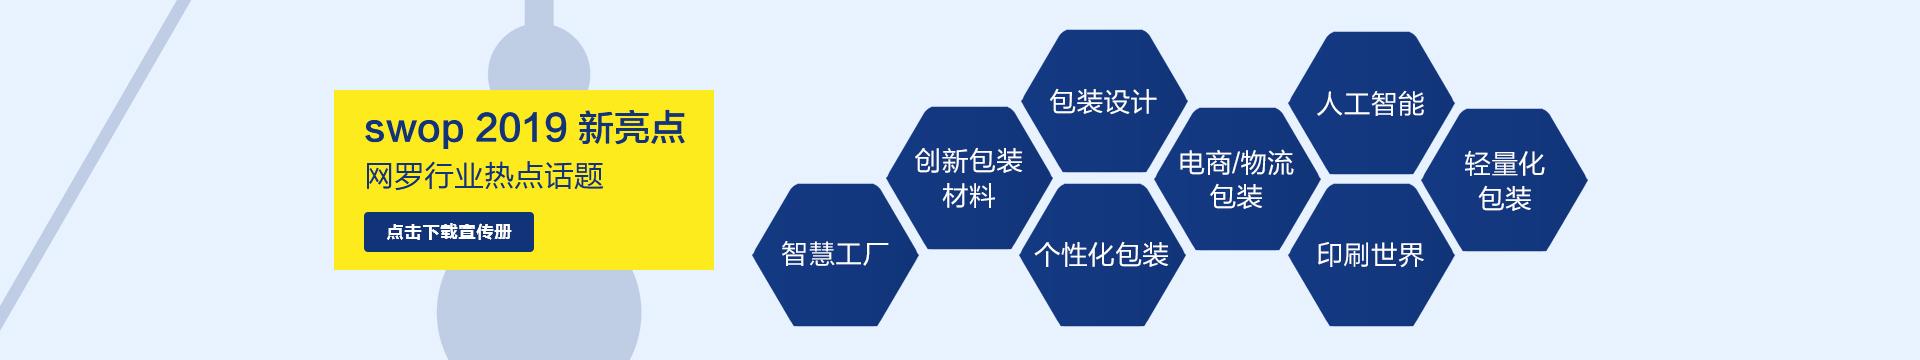 宣传册-3中文